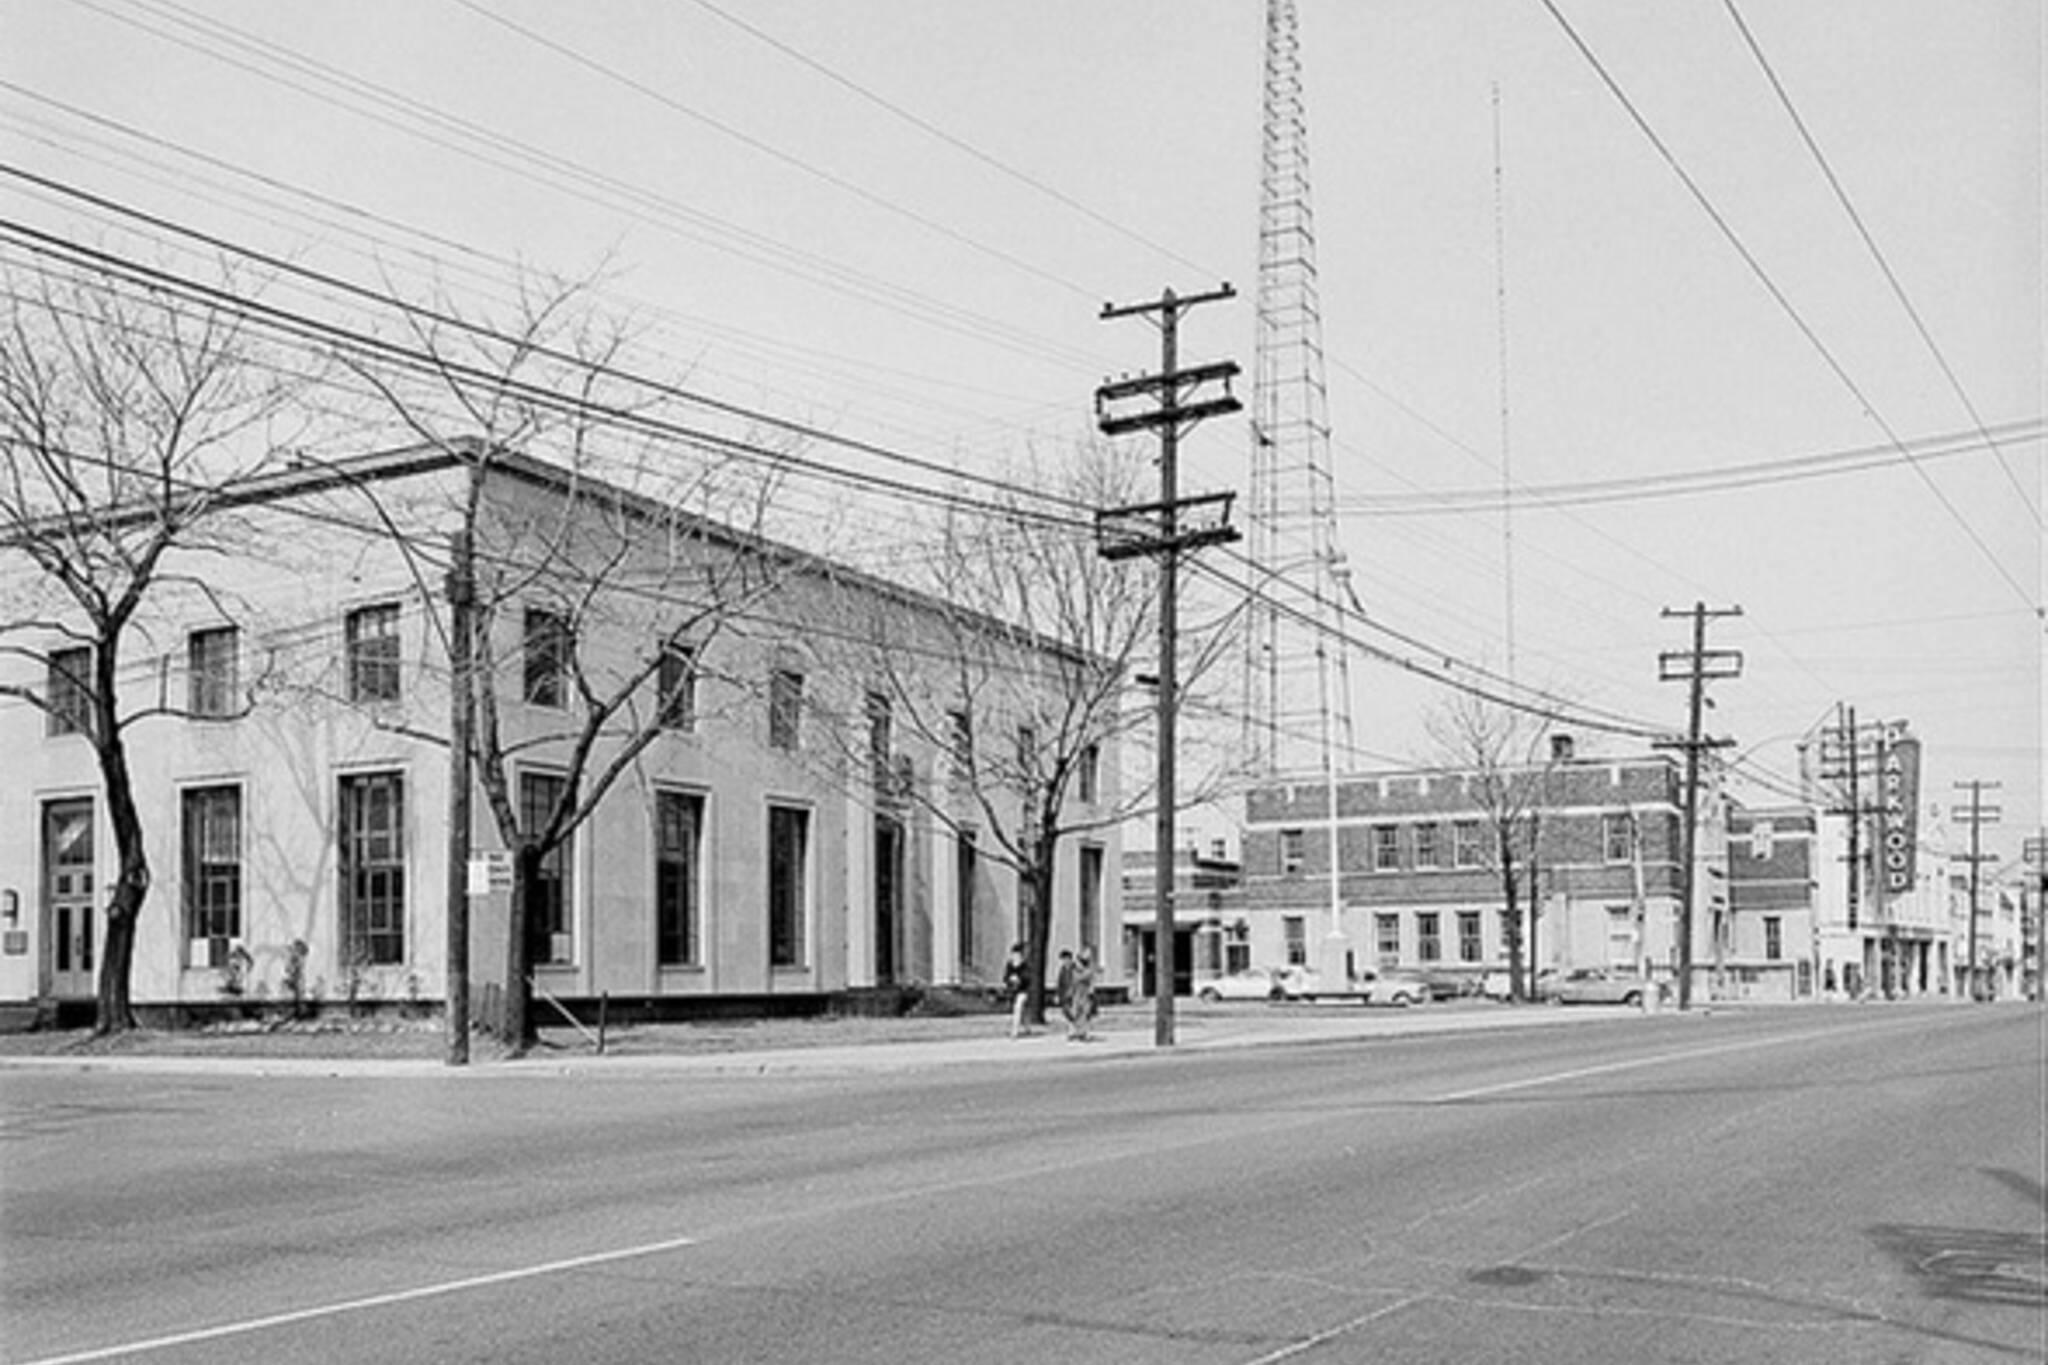 Postal Station K Toronto